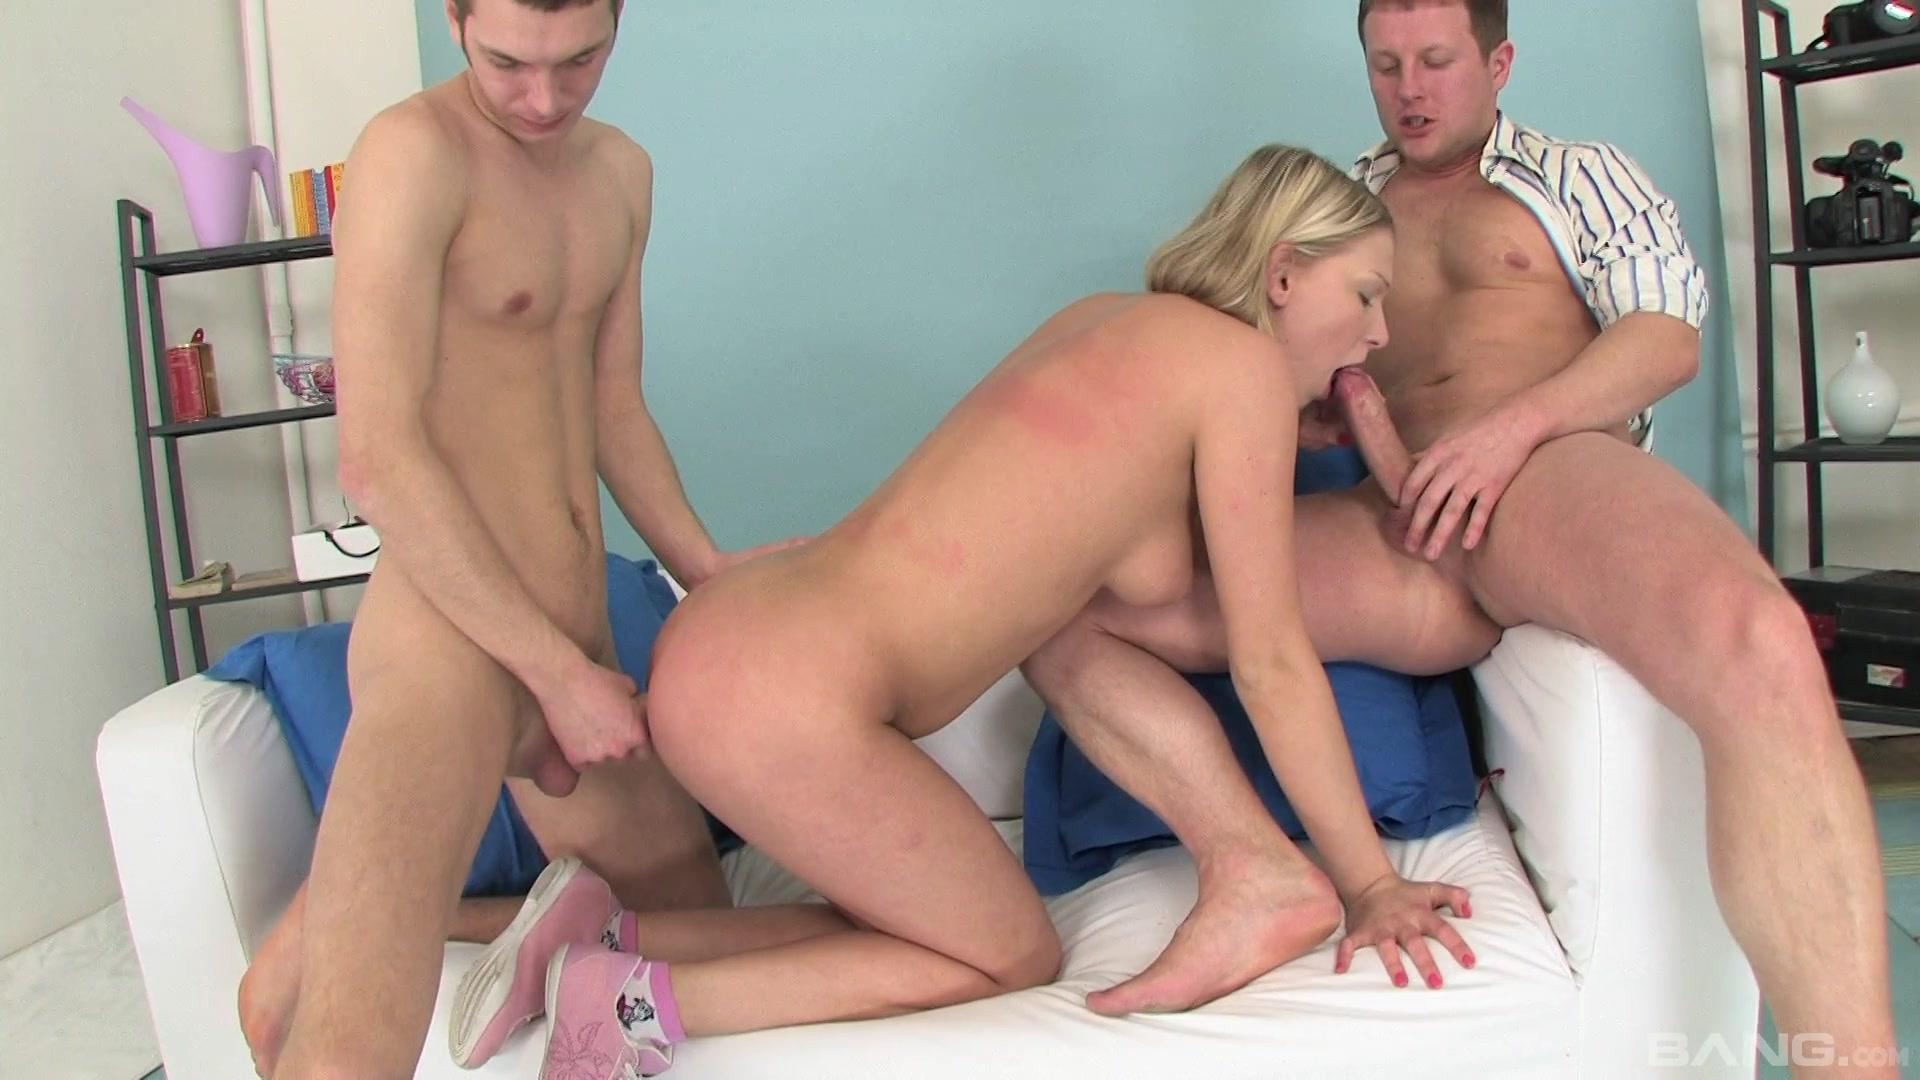 Sexy Nude Men Porno Scenes